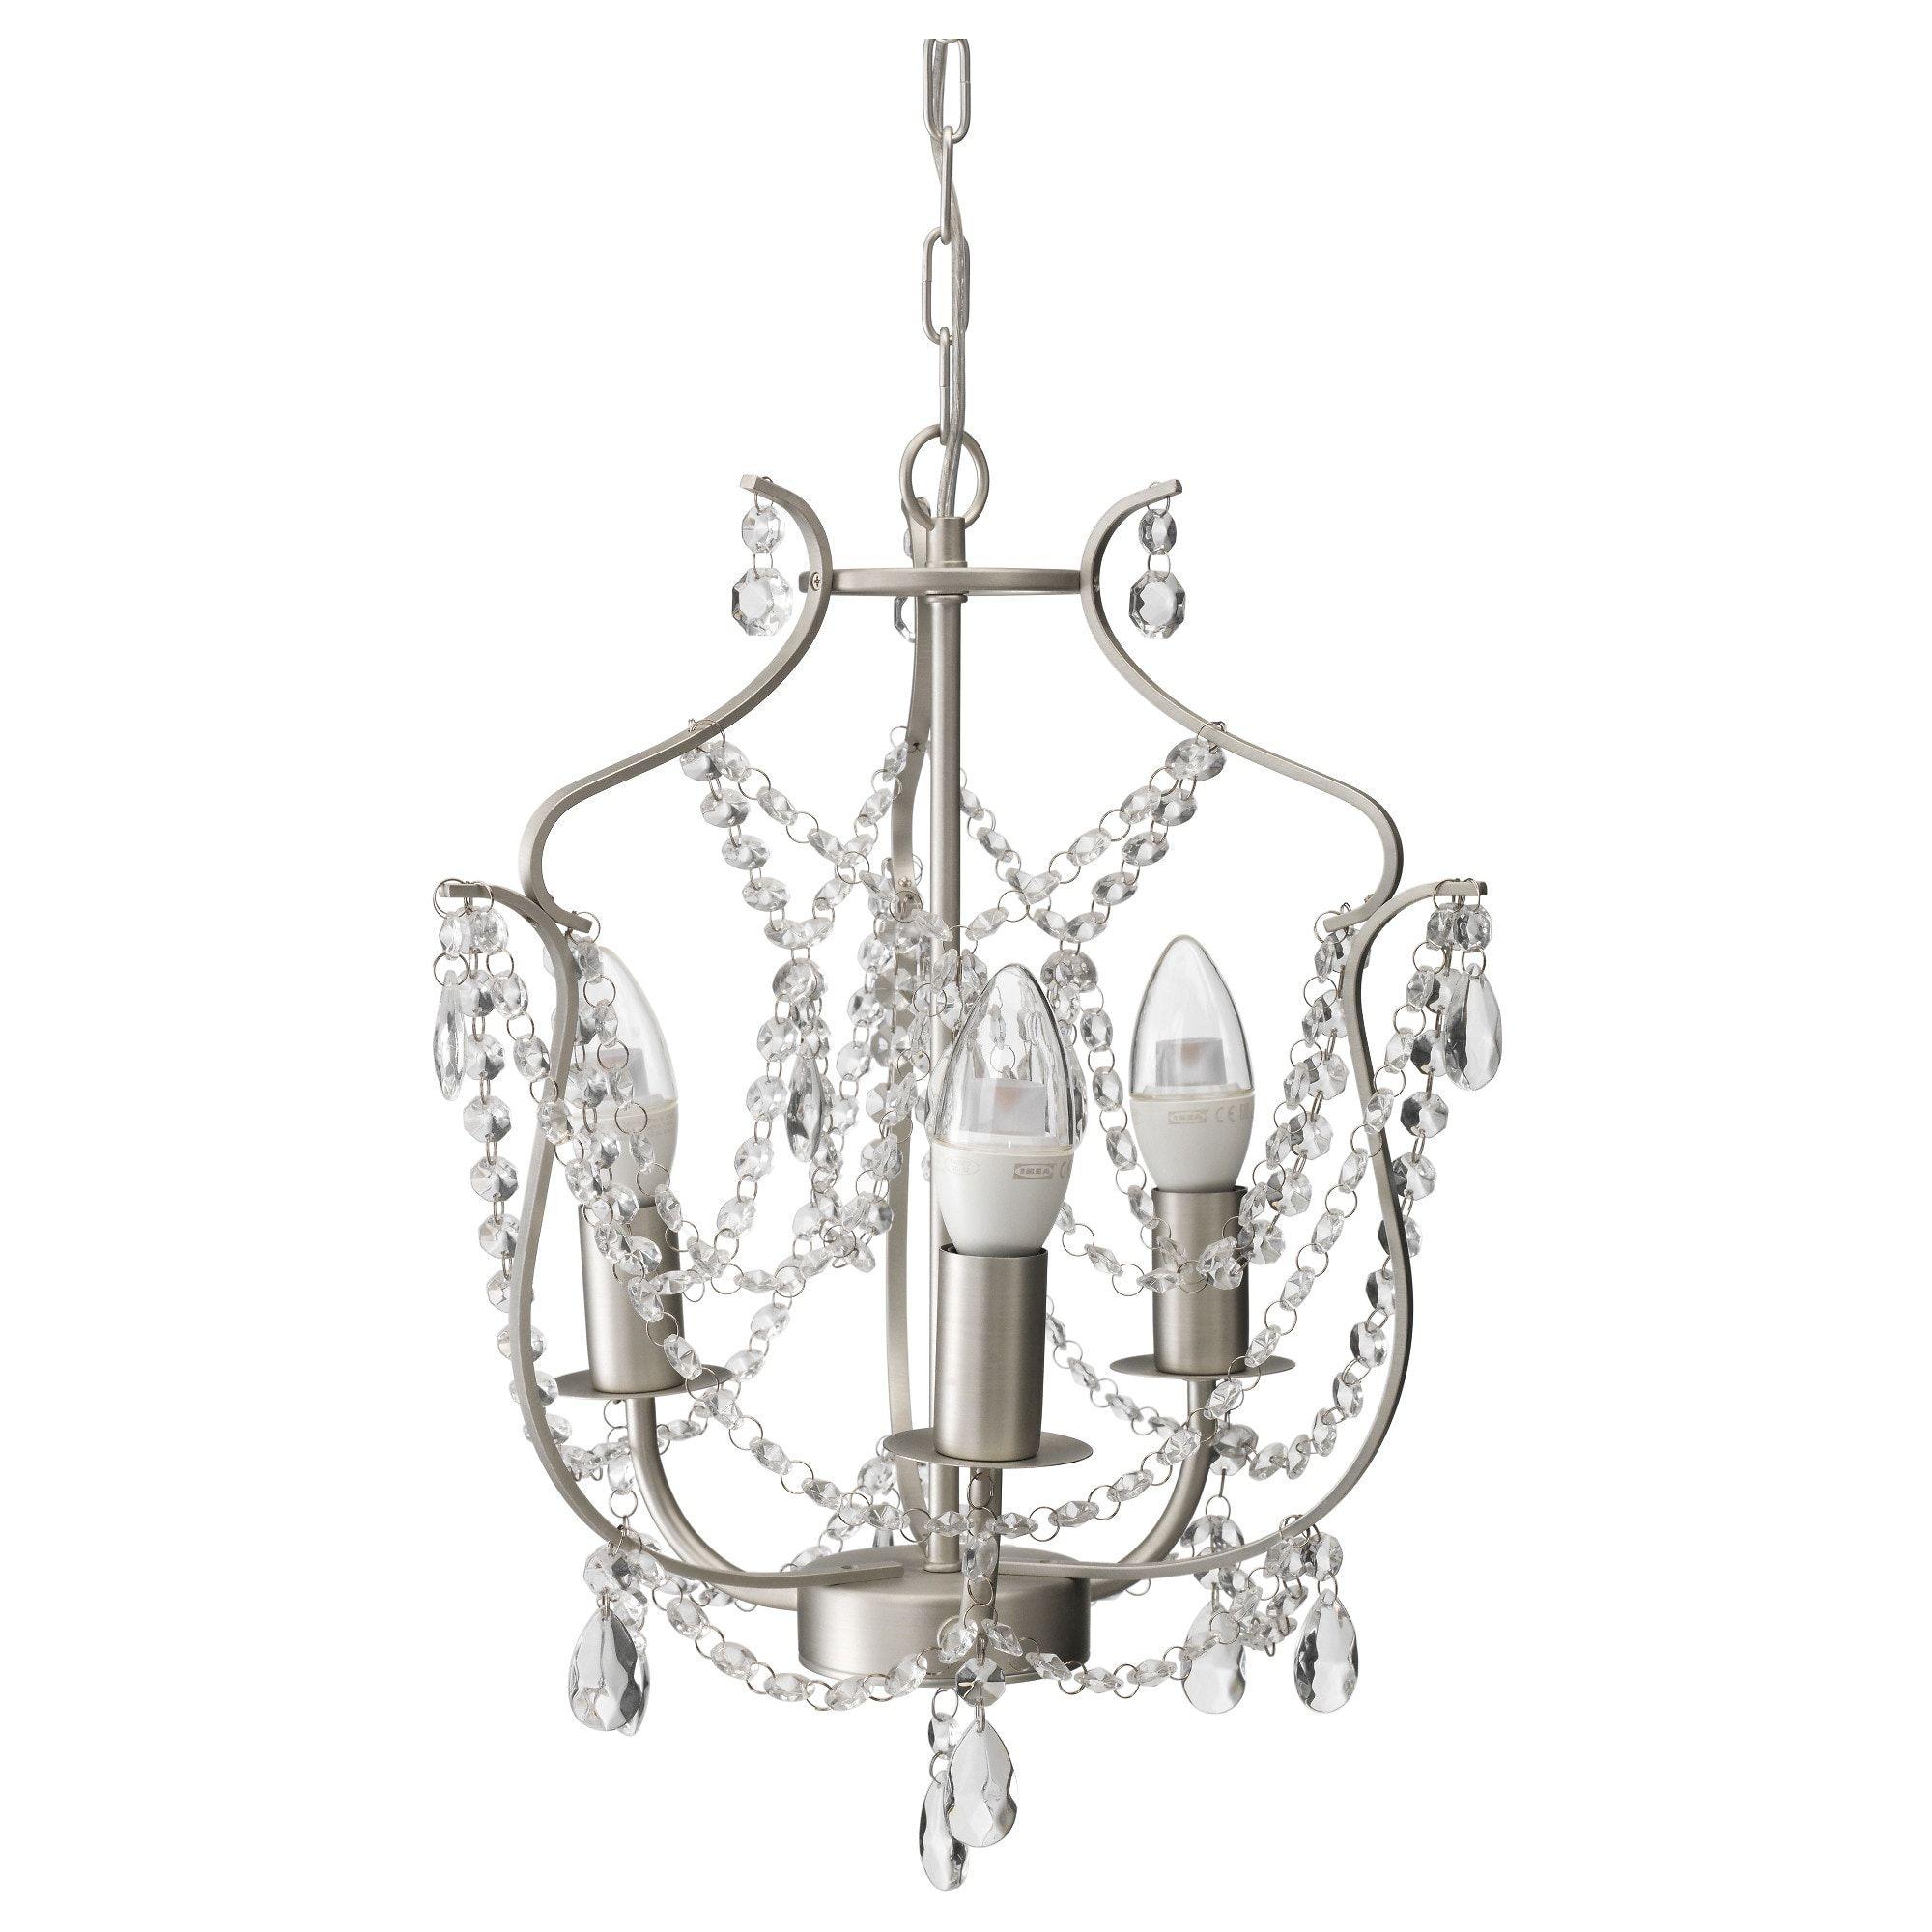 KRISTALLER Ljuskrona, 3 armad silverfärgad, glas | Ikea